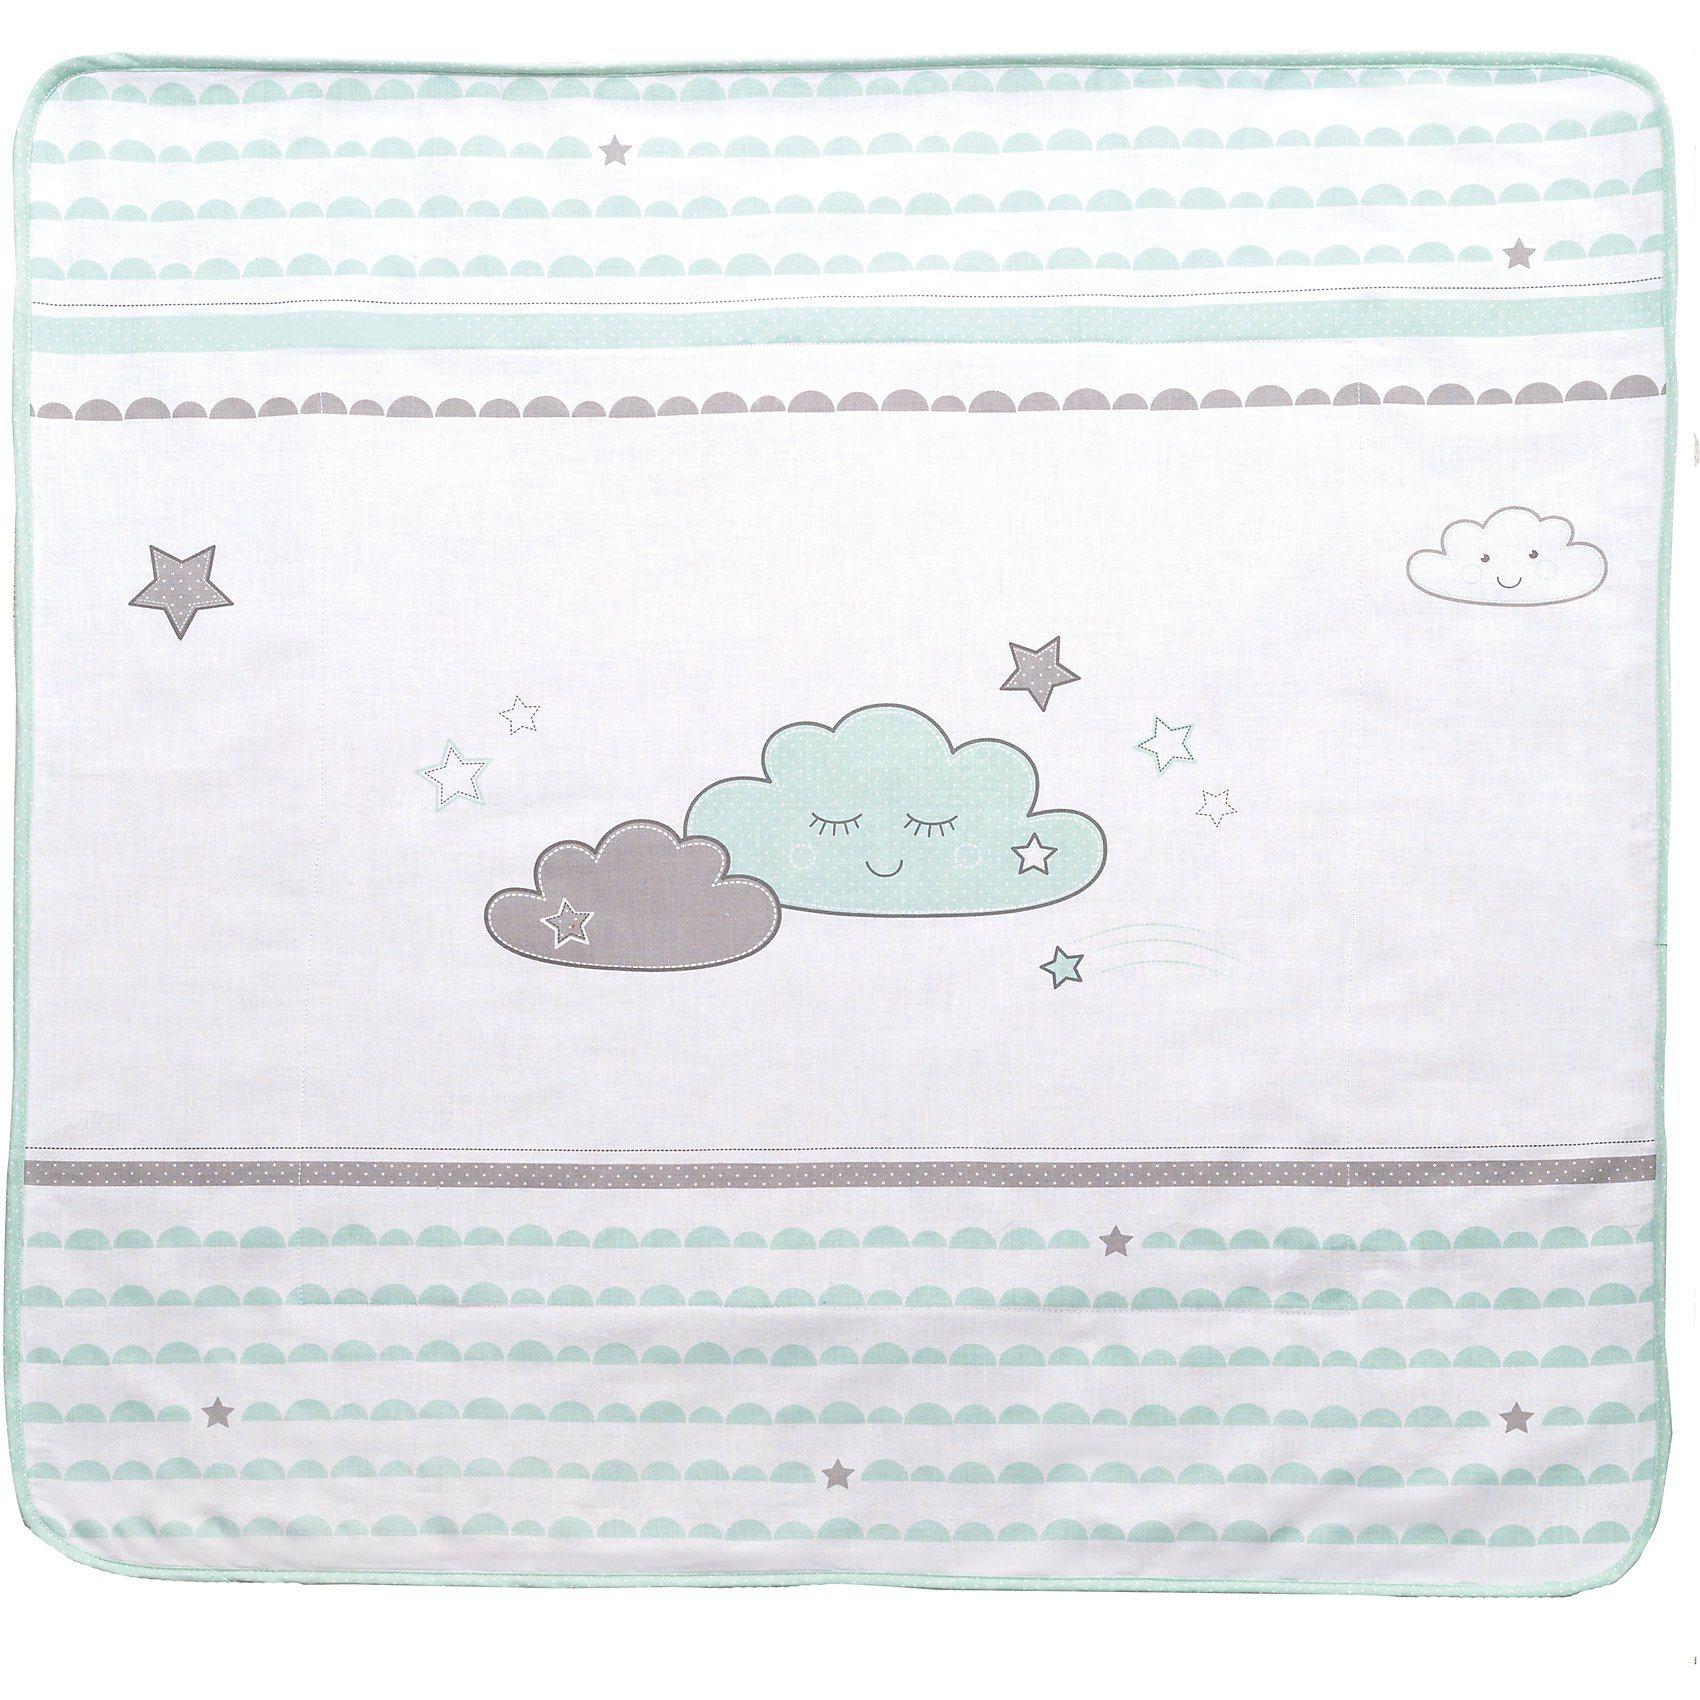 Roba® Babydecke Happy Cloud, mint/ taupe, 80 x 80 cm | Kinderzimmer > Textilien für Kinder > Babytextilien | Baumwolle - Polyester | Roba®